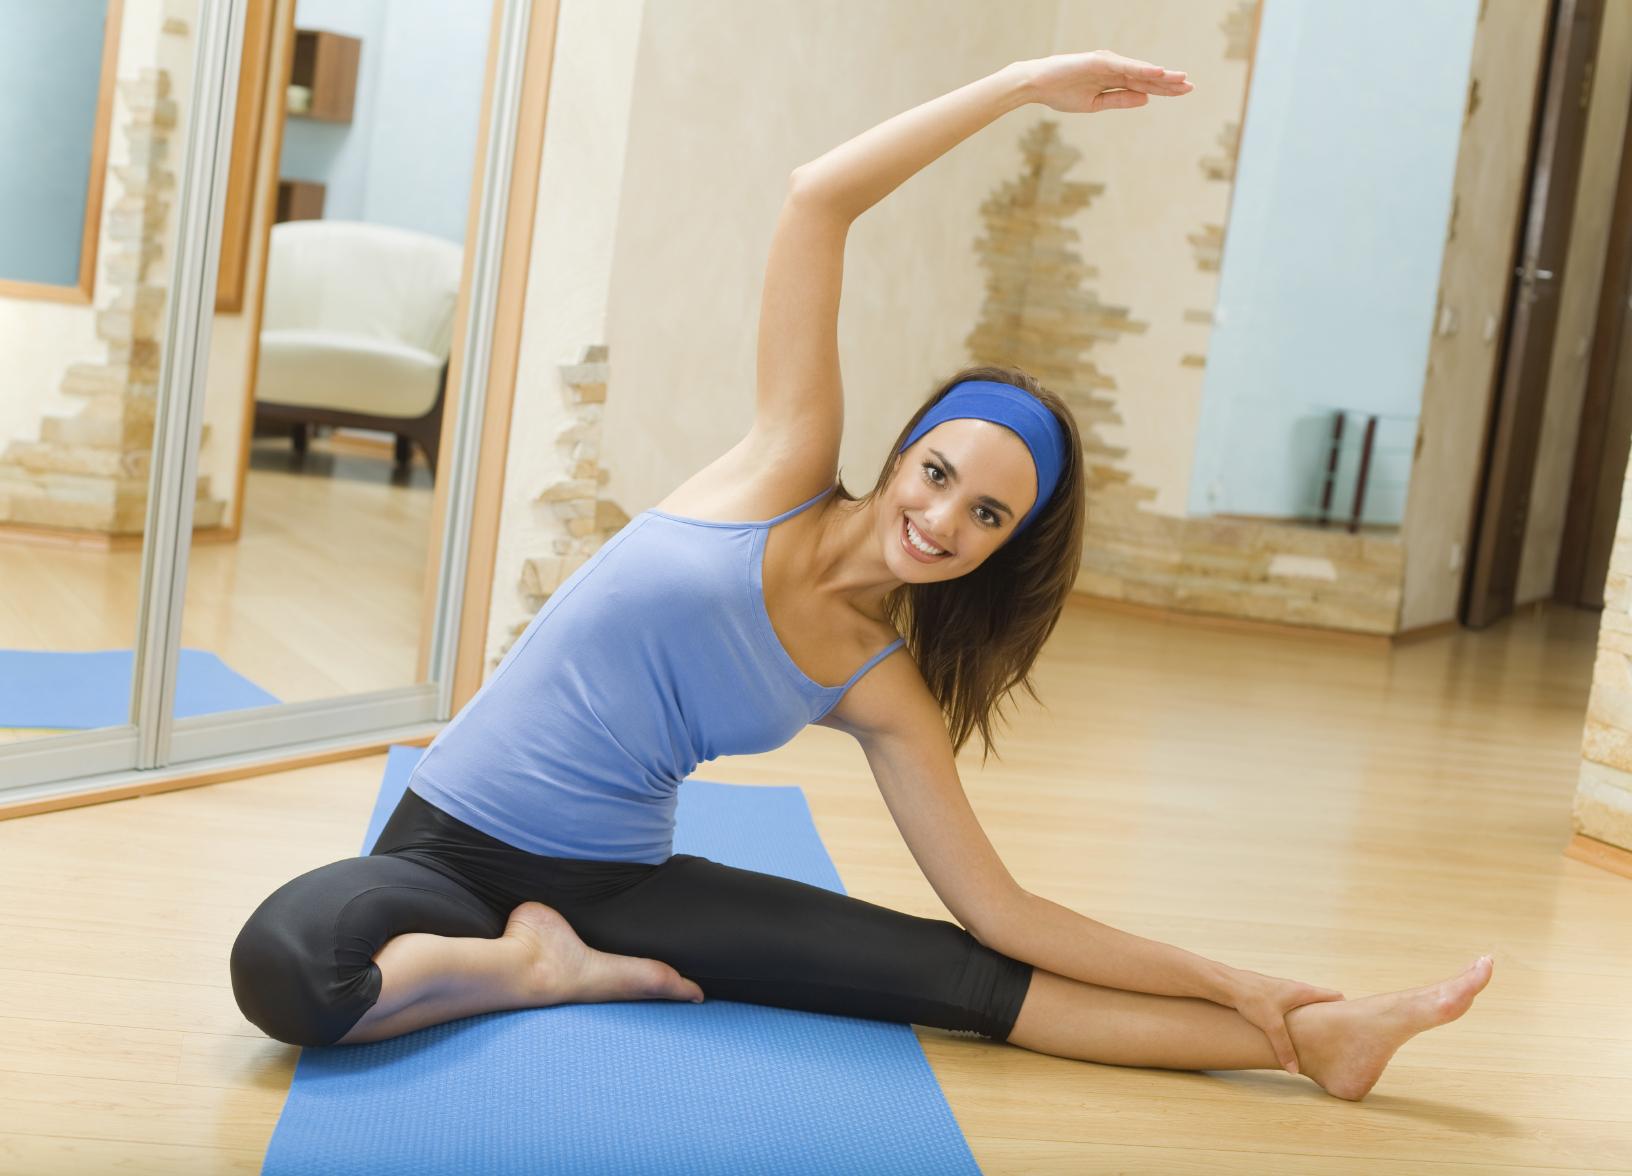 Упражнения на растяжку. Комплекс упражнений на растяжку в 28